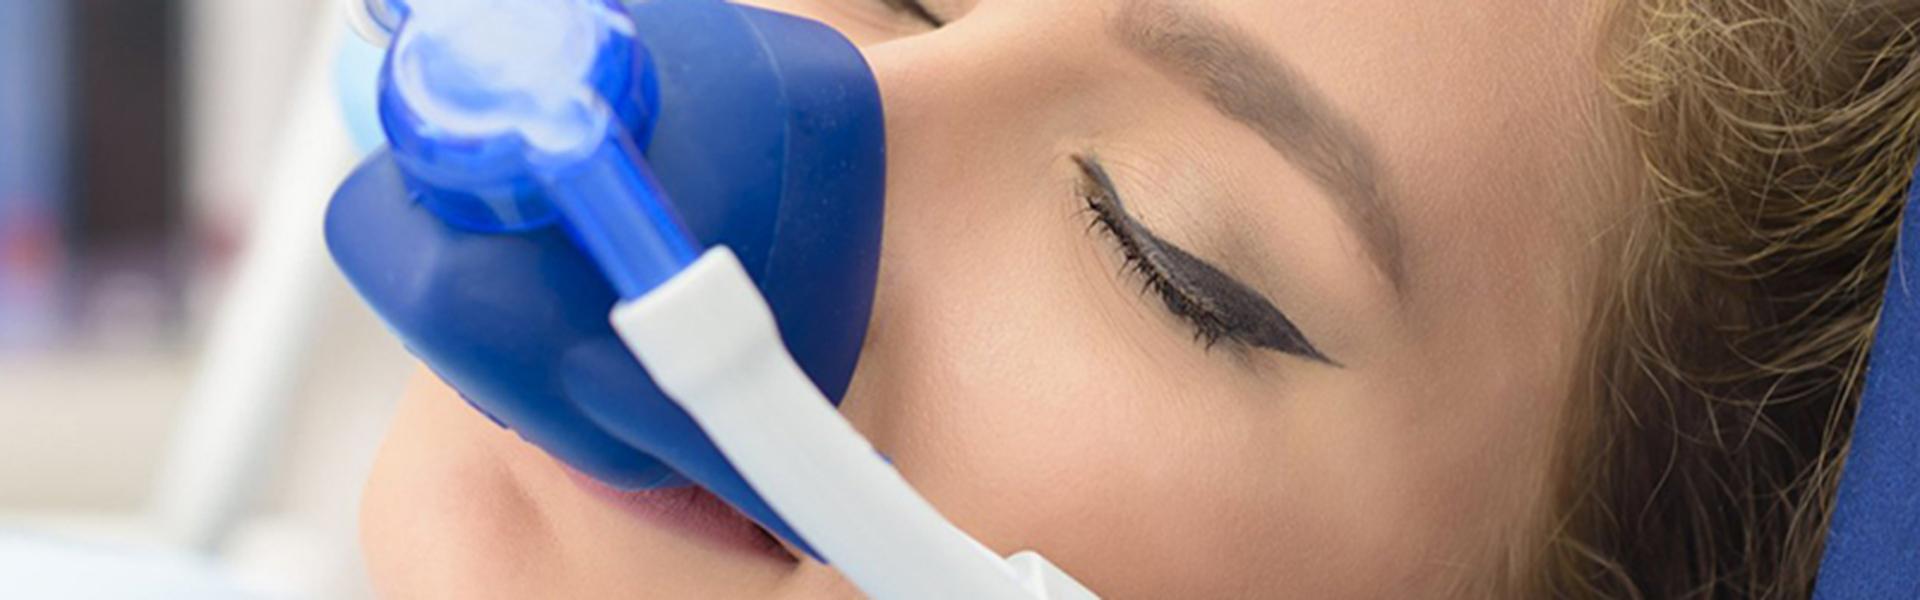 Dal dentista senza paura grazie alla sedazione cosciente